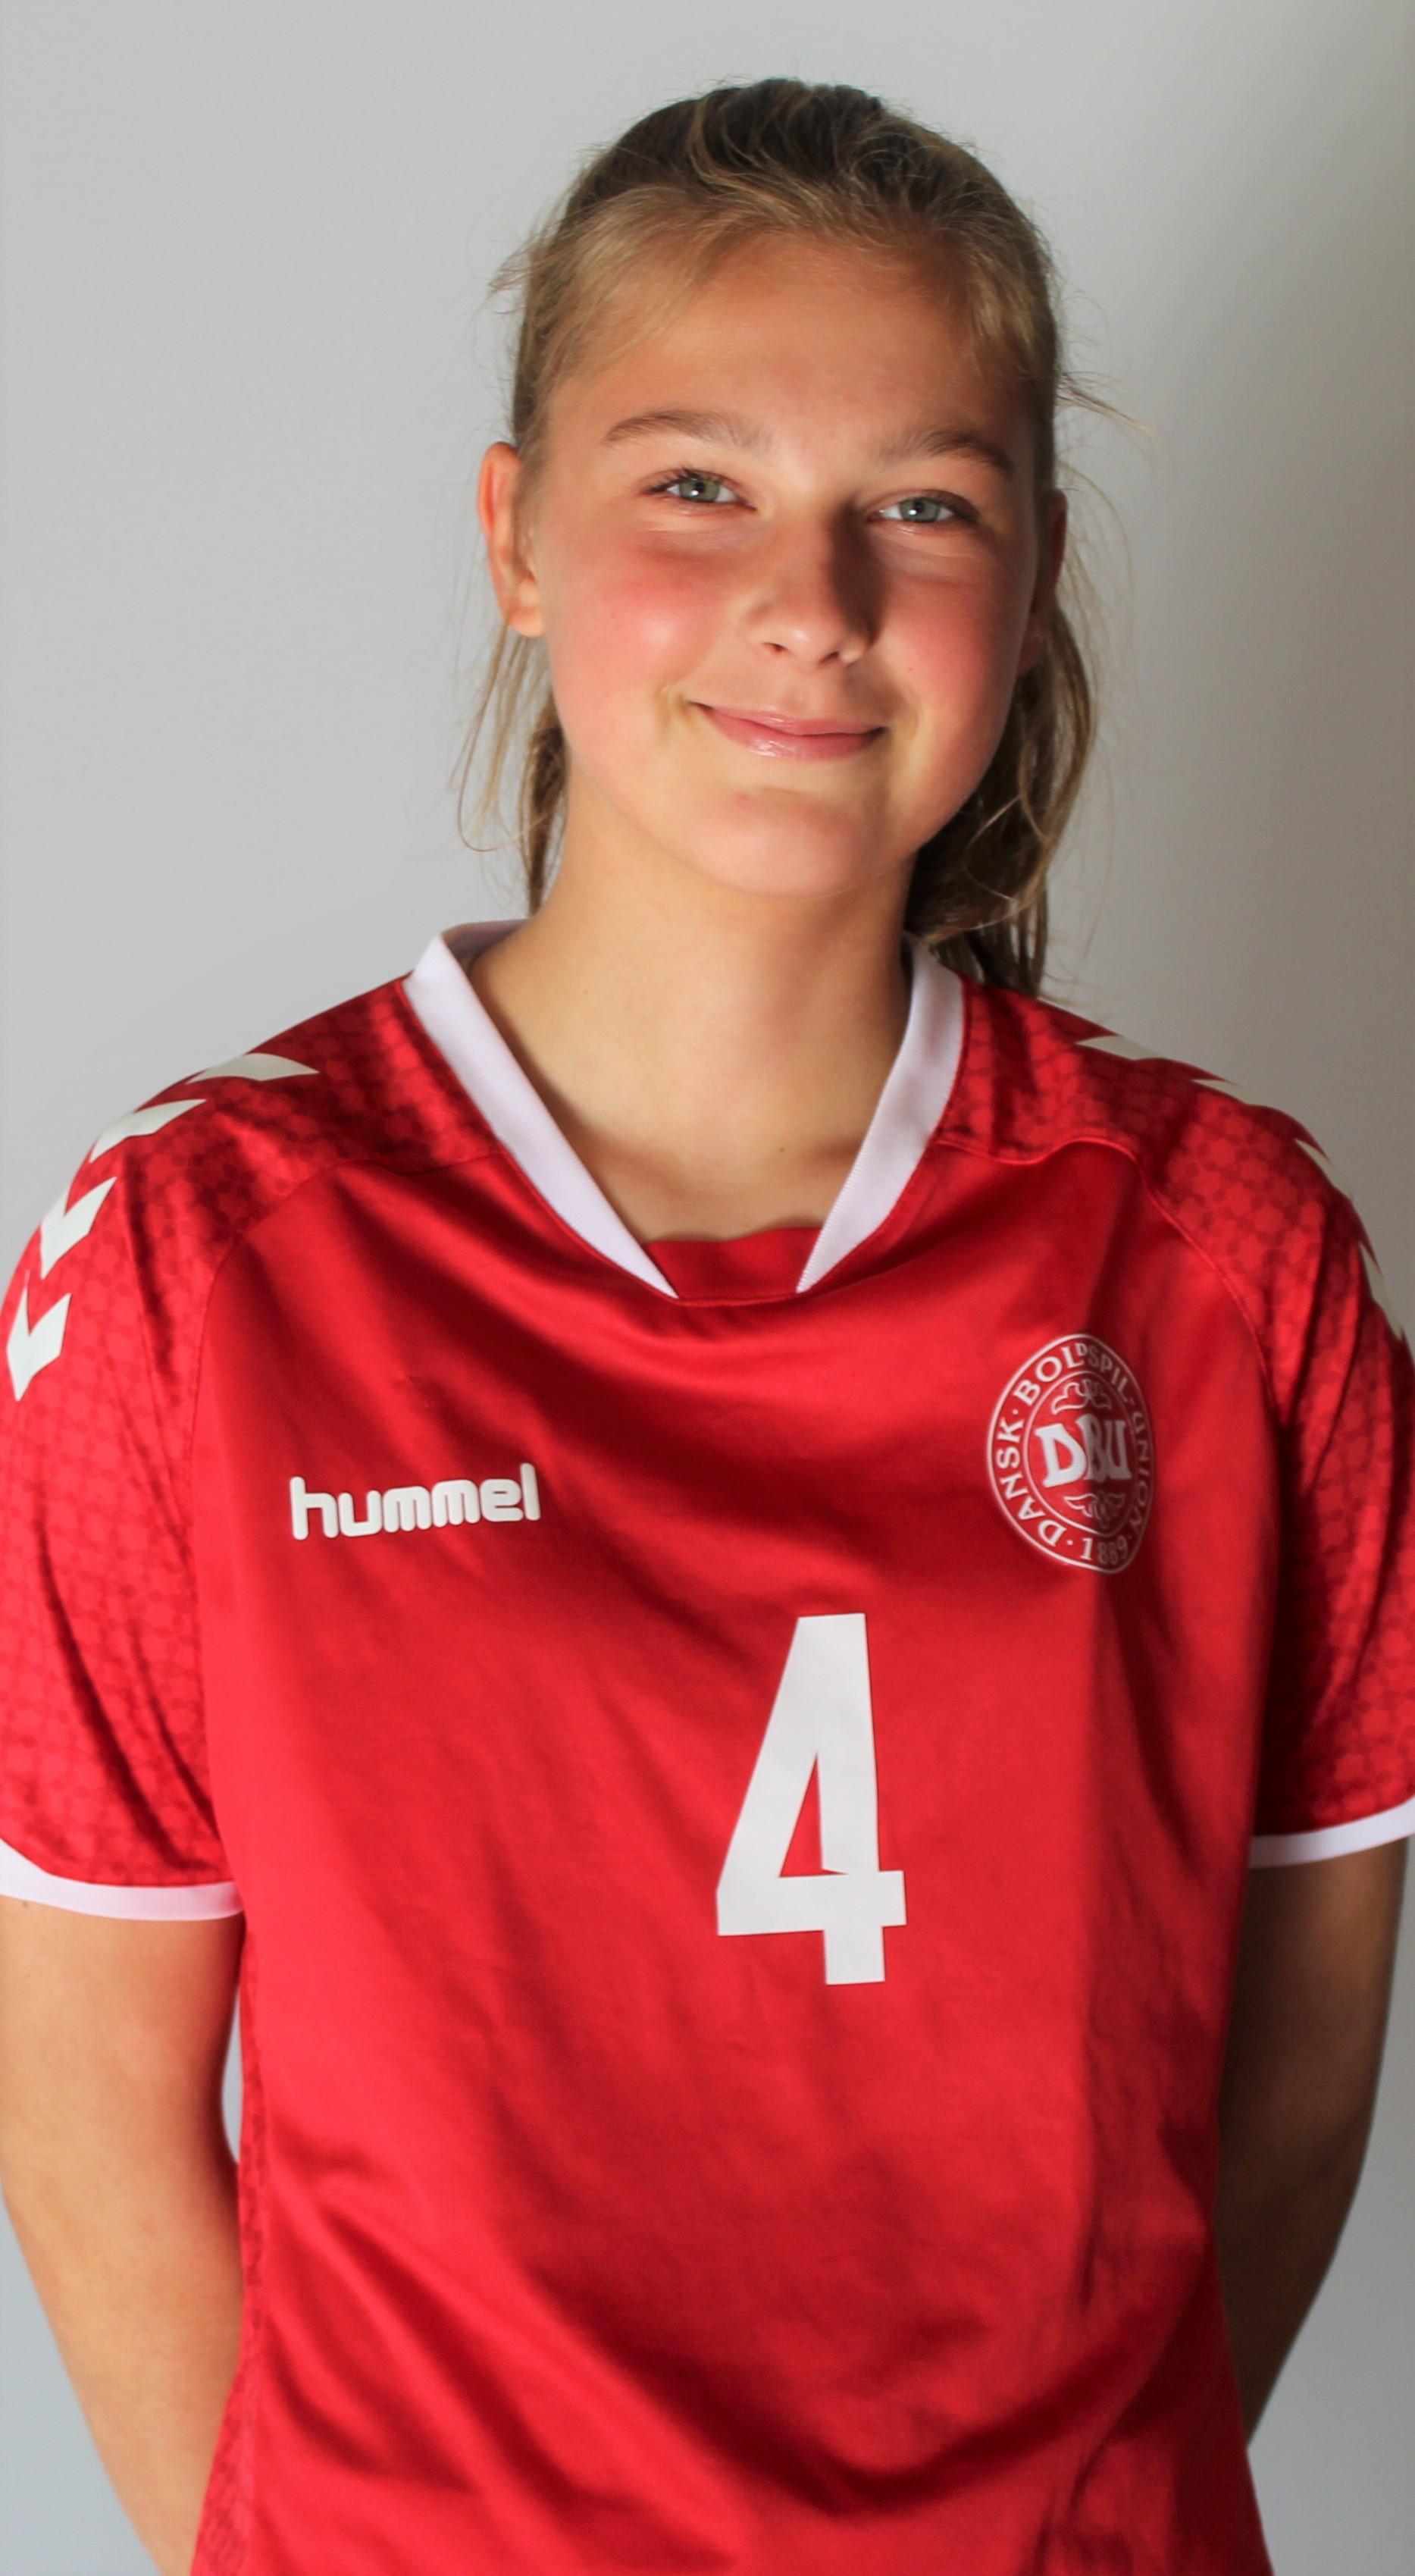 Emma Veletanlic